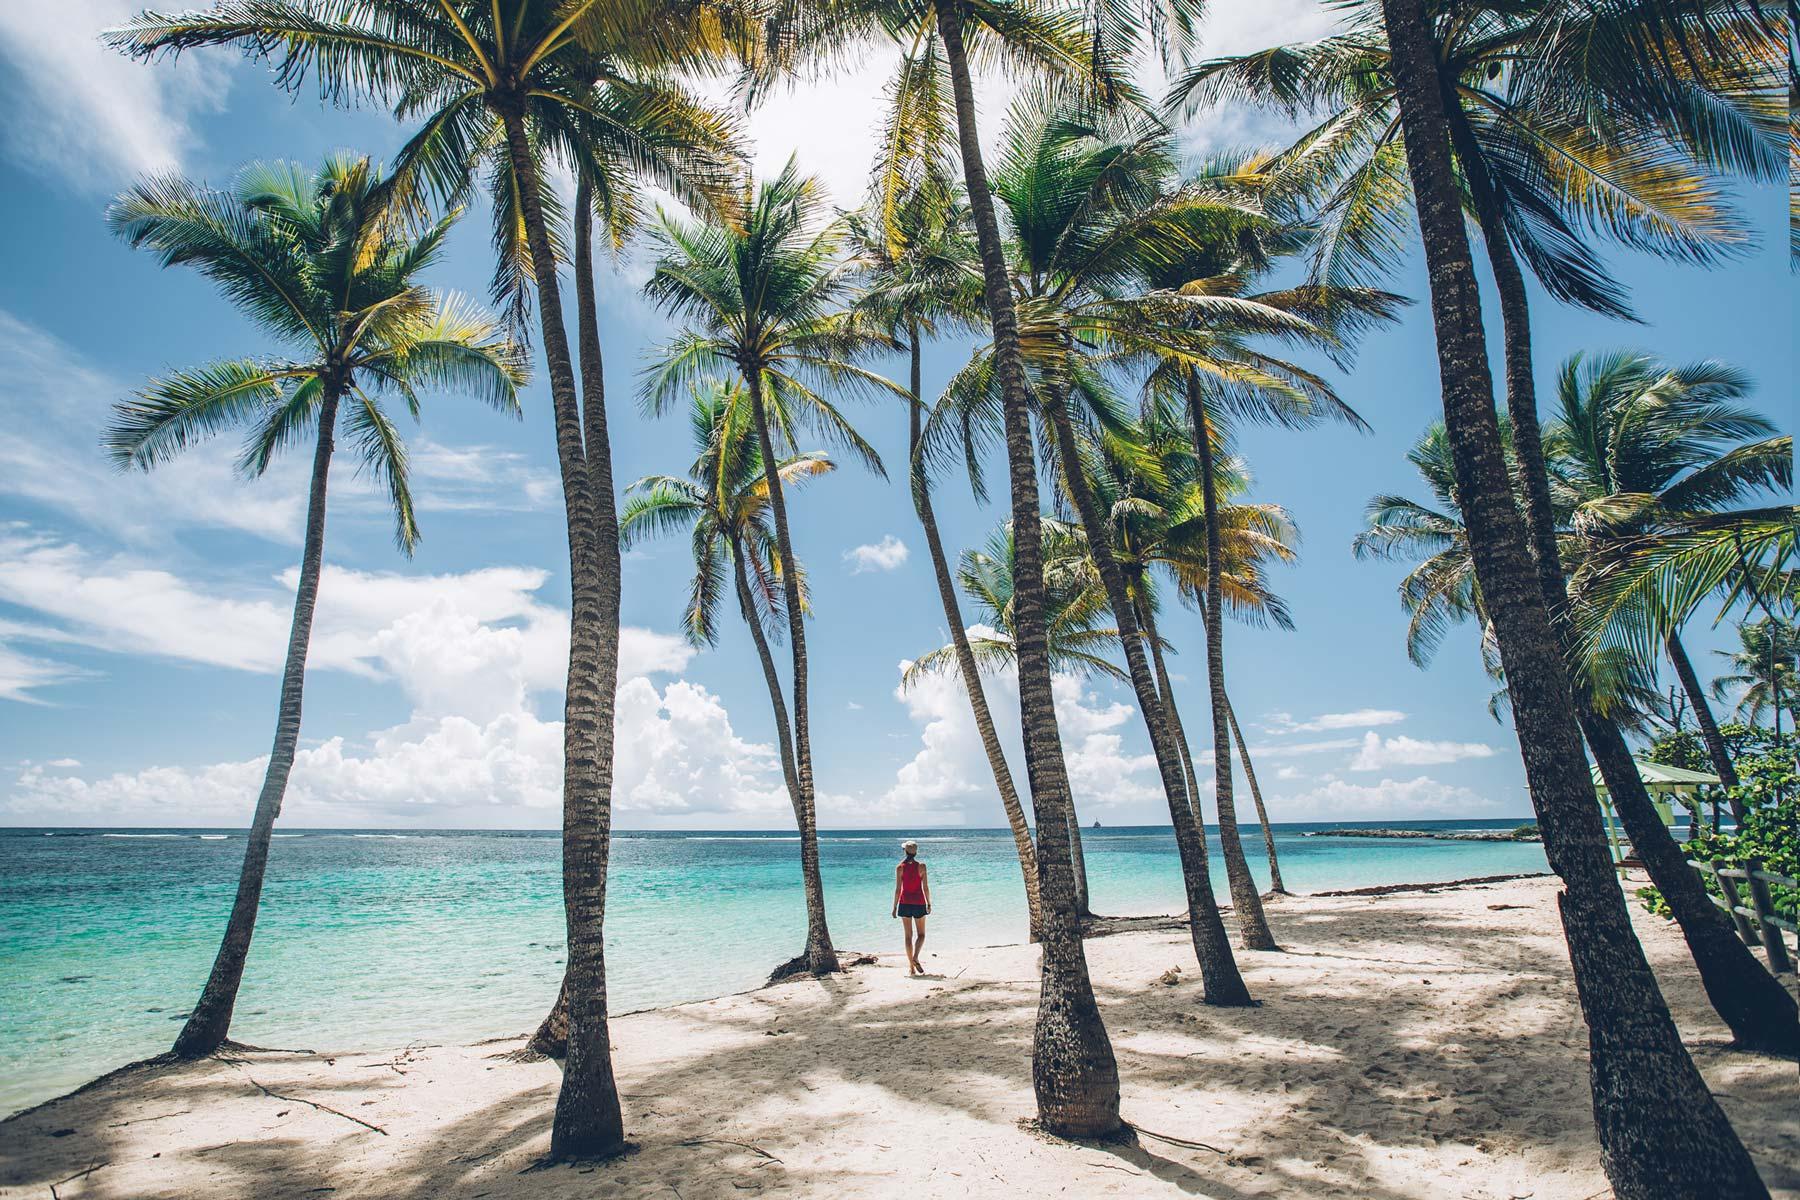 Plage de la Caravelle, Guadeloupe